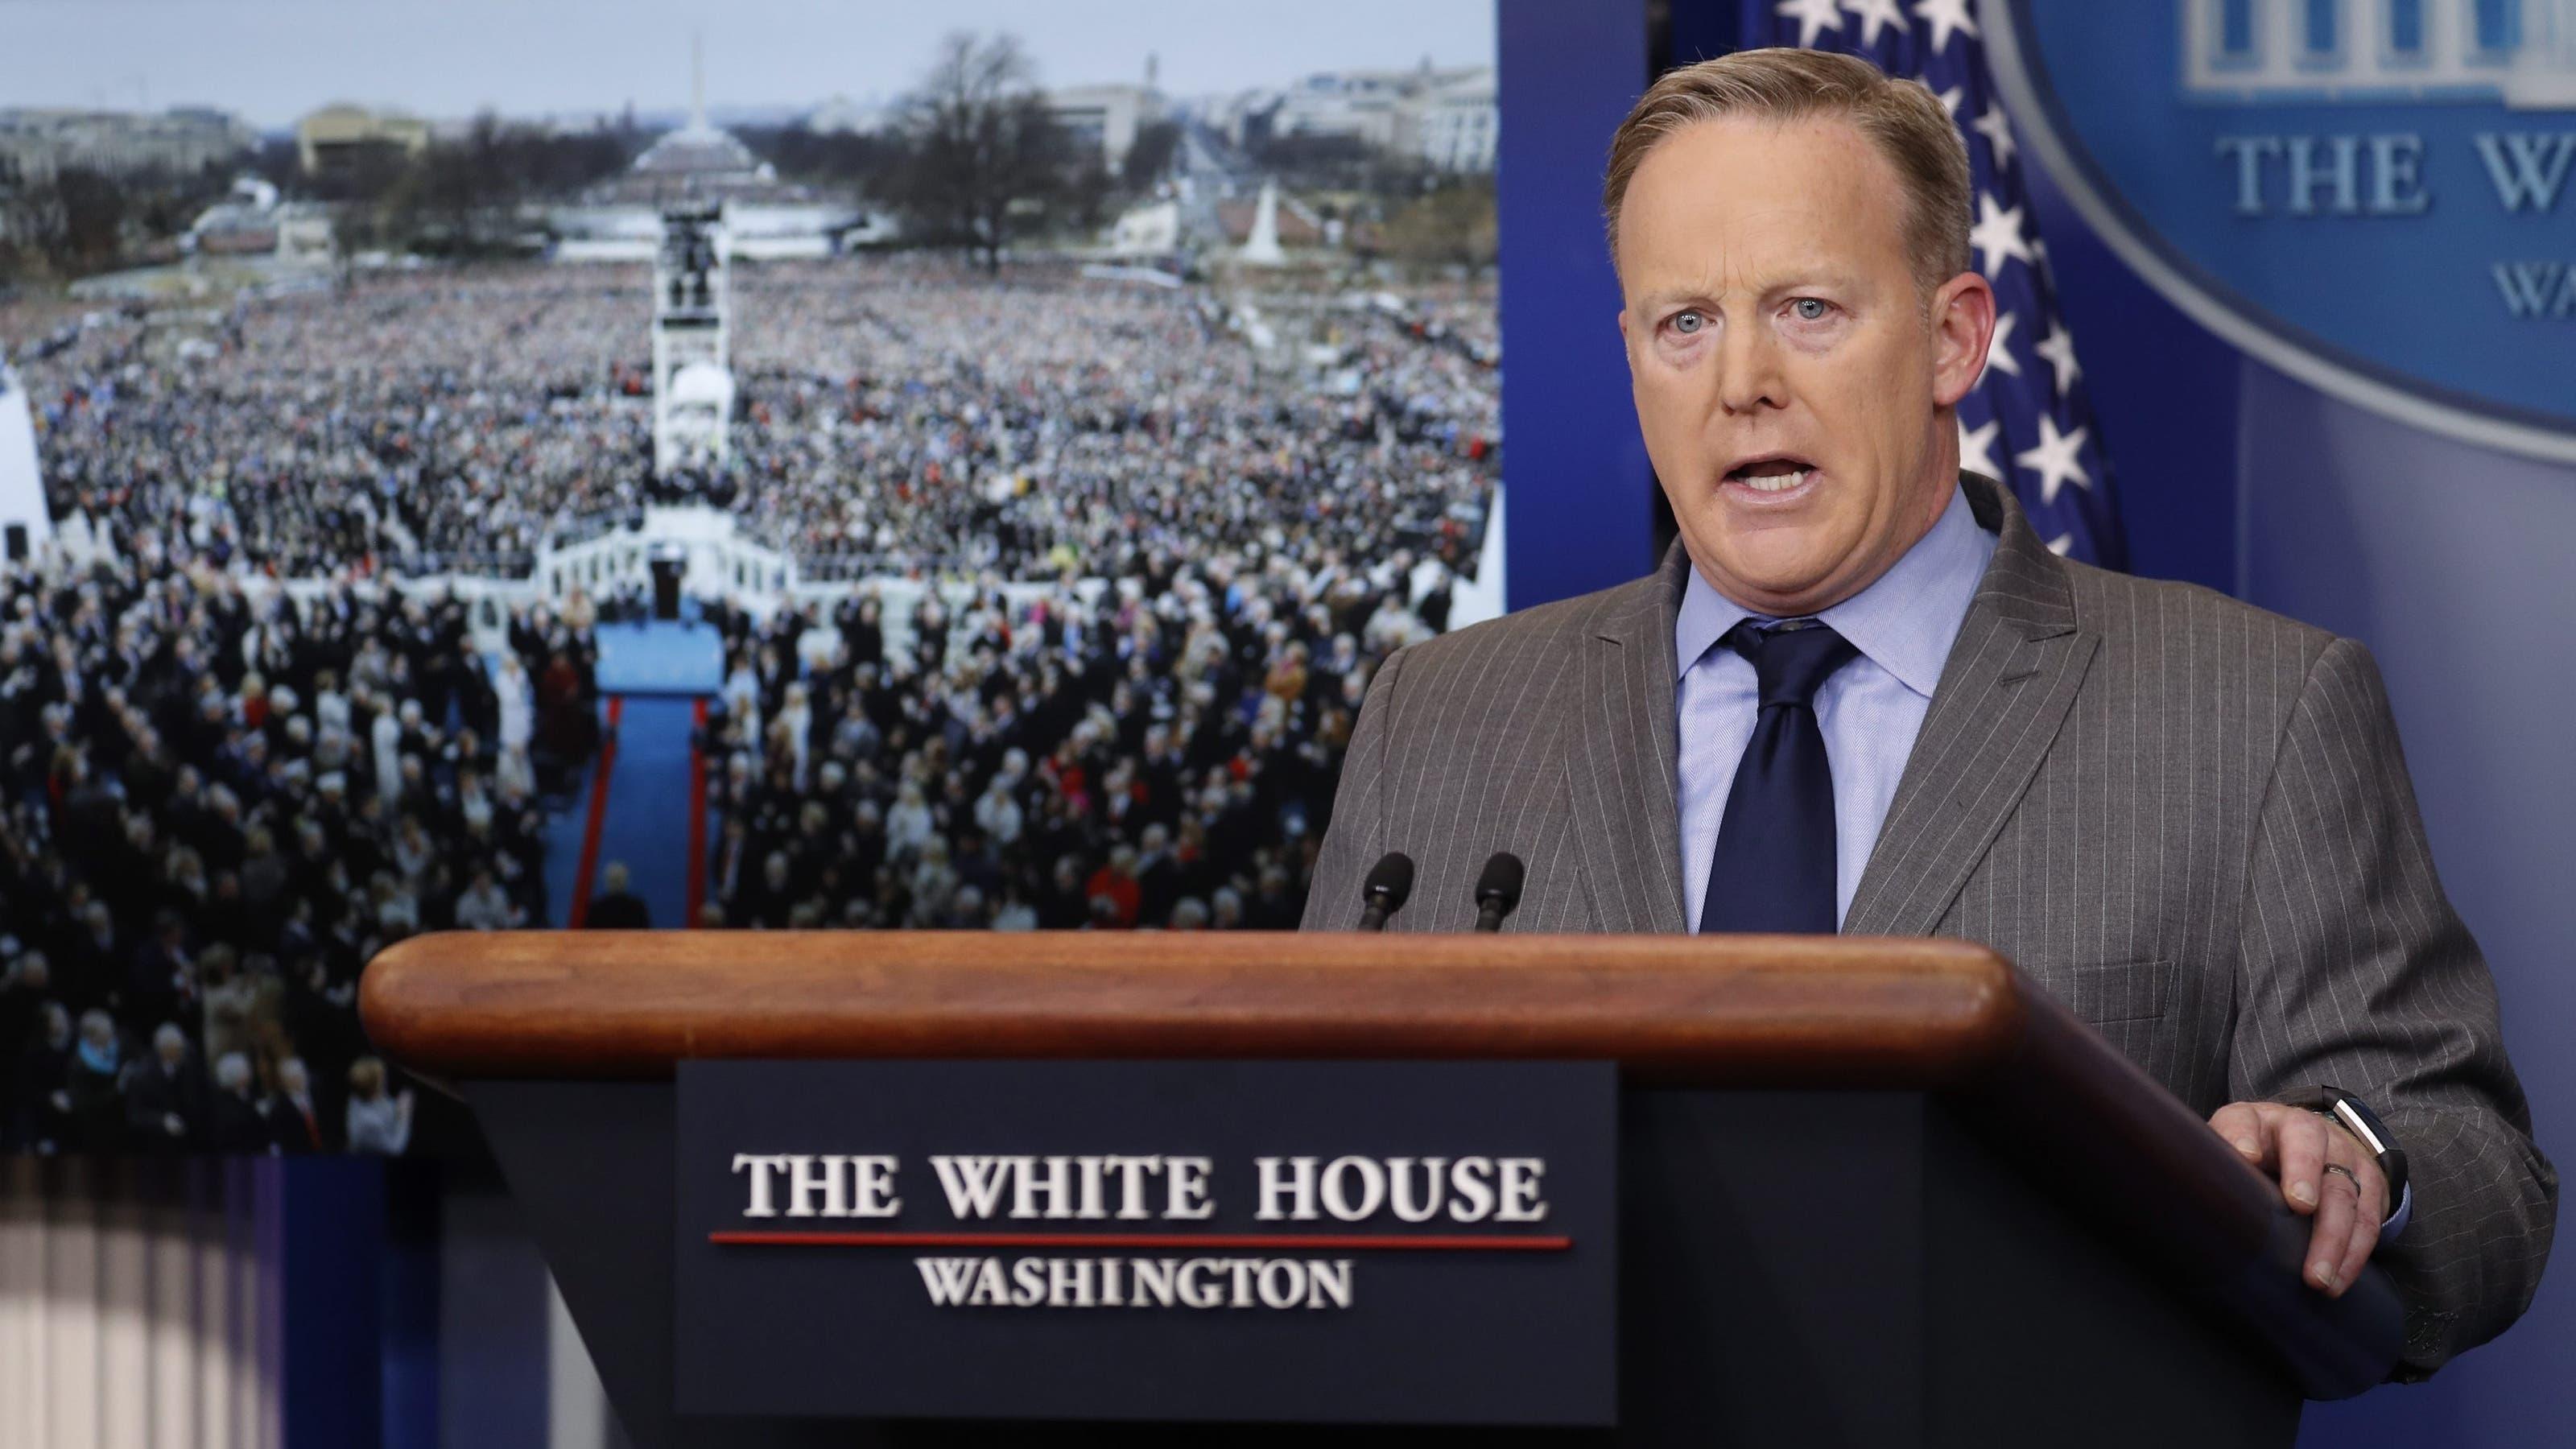 Trump ist verärgert und schickt Sprecher Sean Spicer vor, um gegen die Medien zu wettern. Während Trump eine Rekordanzahl Zuschauer zur Amtseinführung gesehen hat, haben die Medien einen Bruchteil davon ausgemacht. epa05740089 White House press secretary Sean Spicer delivers his first statement in the Brady press briefing room at the White House in Washington, DC, USA, 21 January 2017. EPA/SHAWN THEW